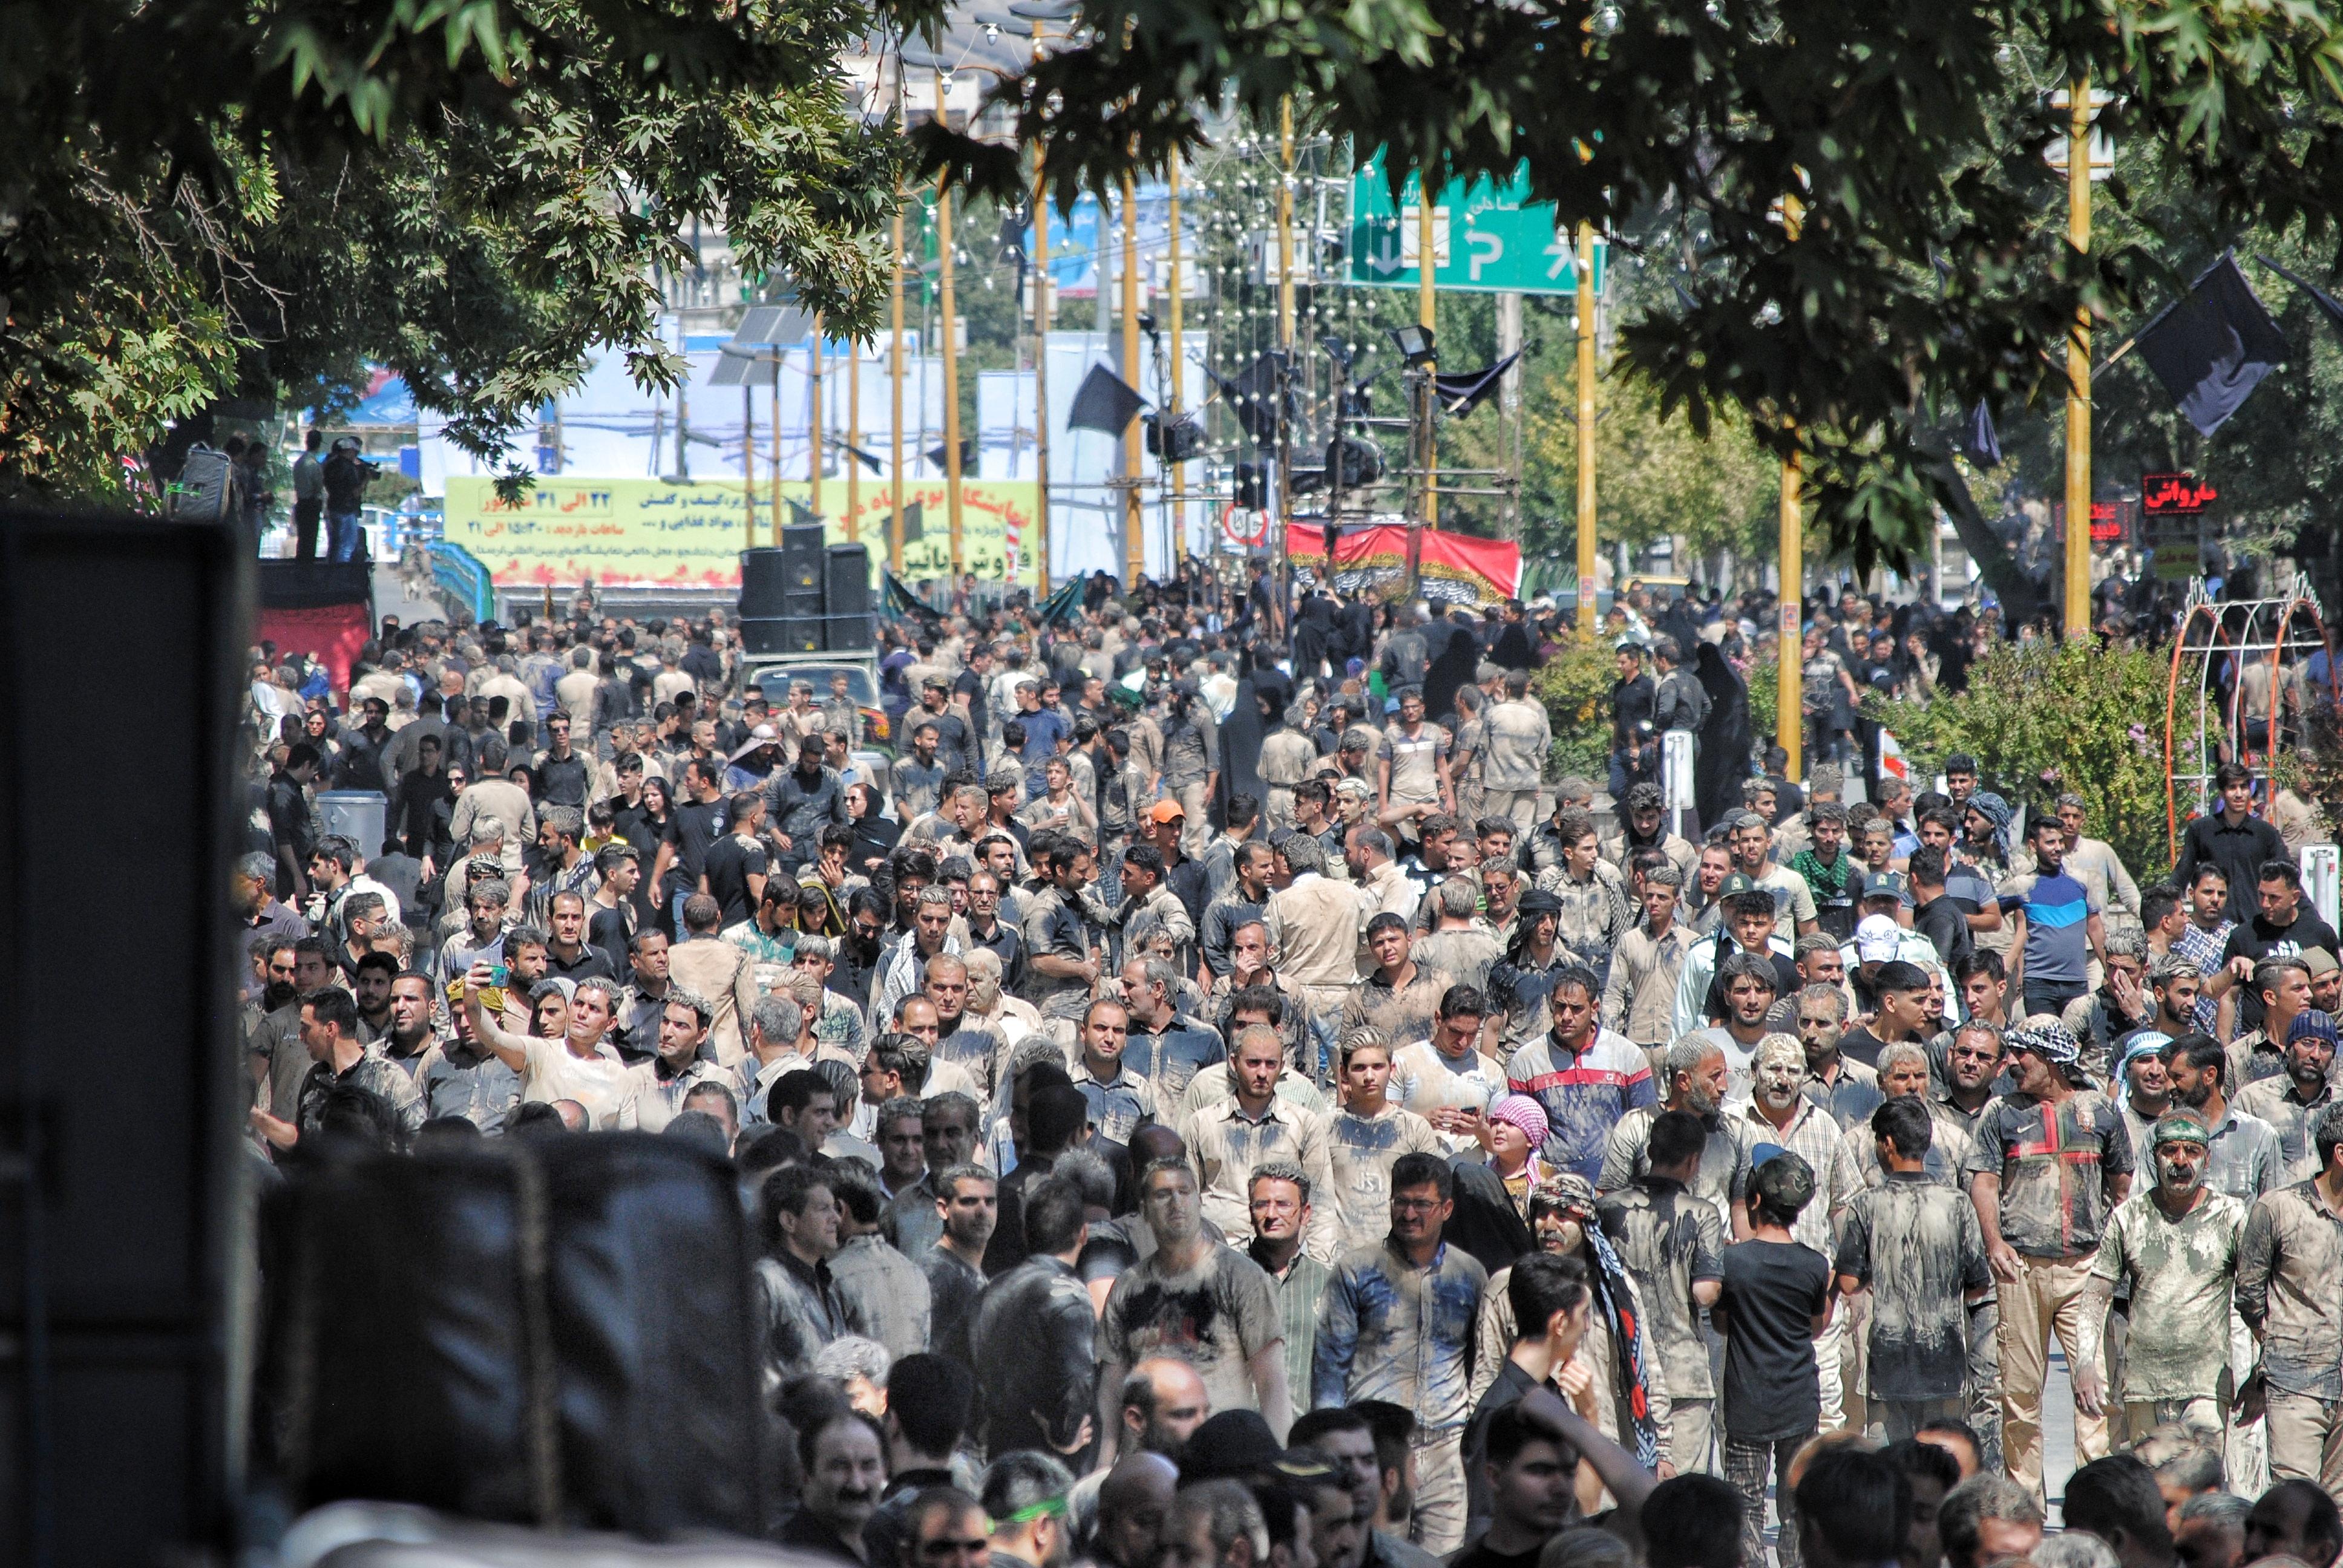 حماسه مردم خرمآباد در روز عاشورای حسینی